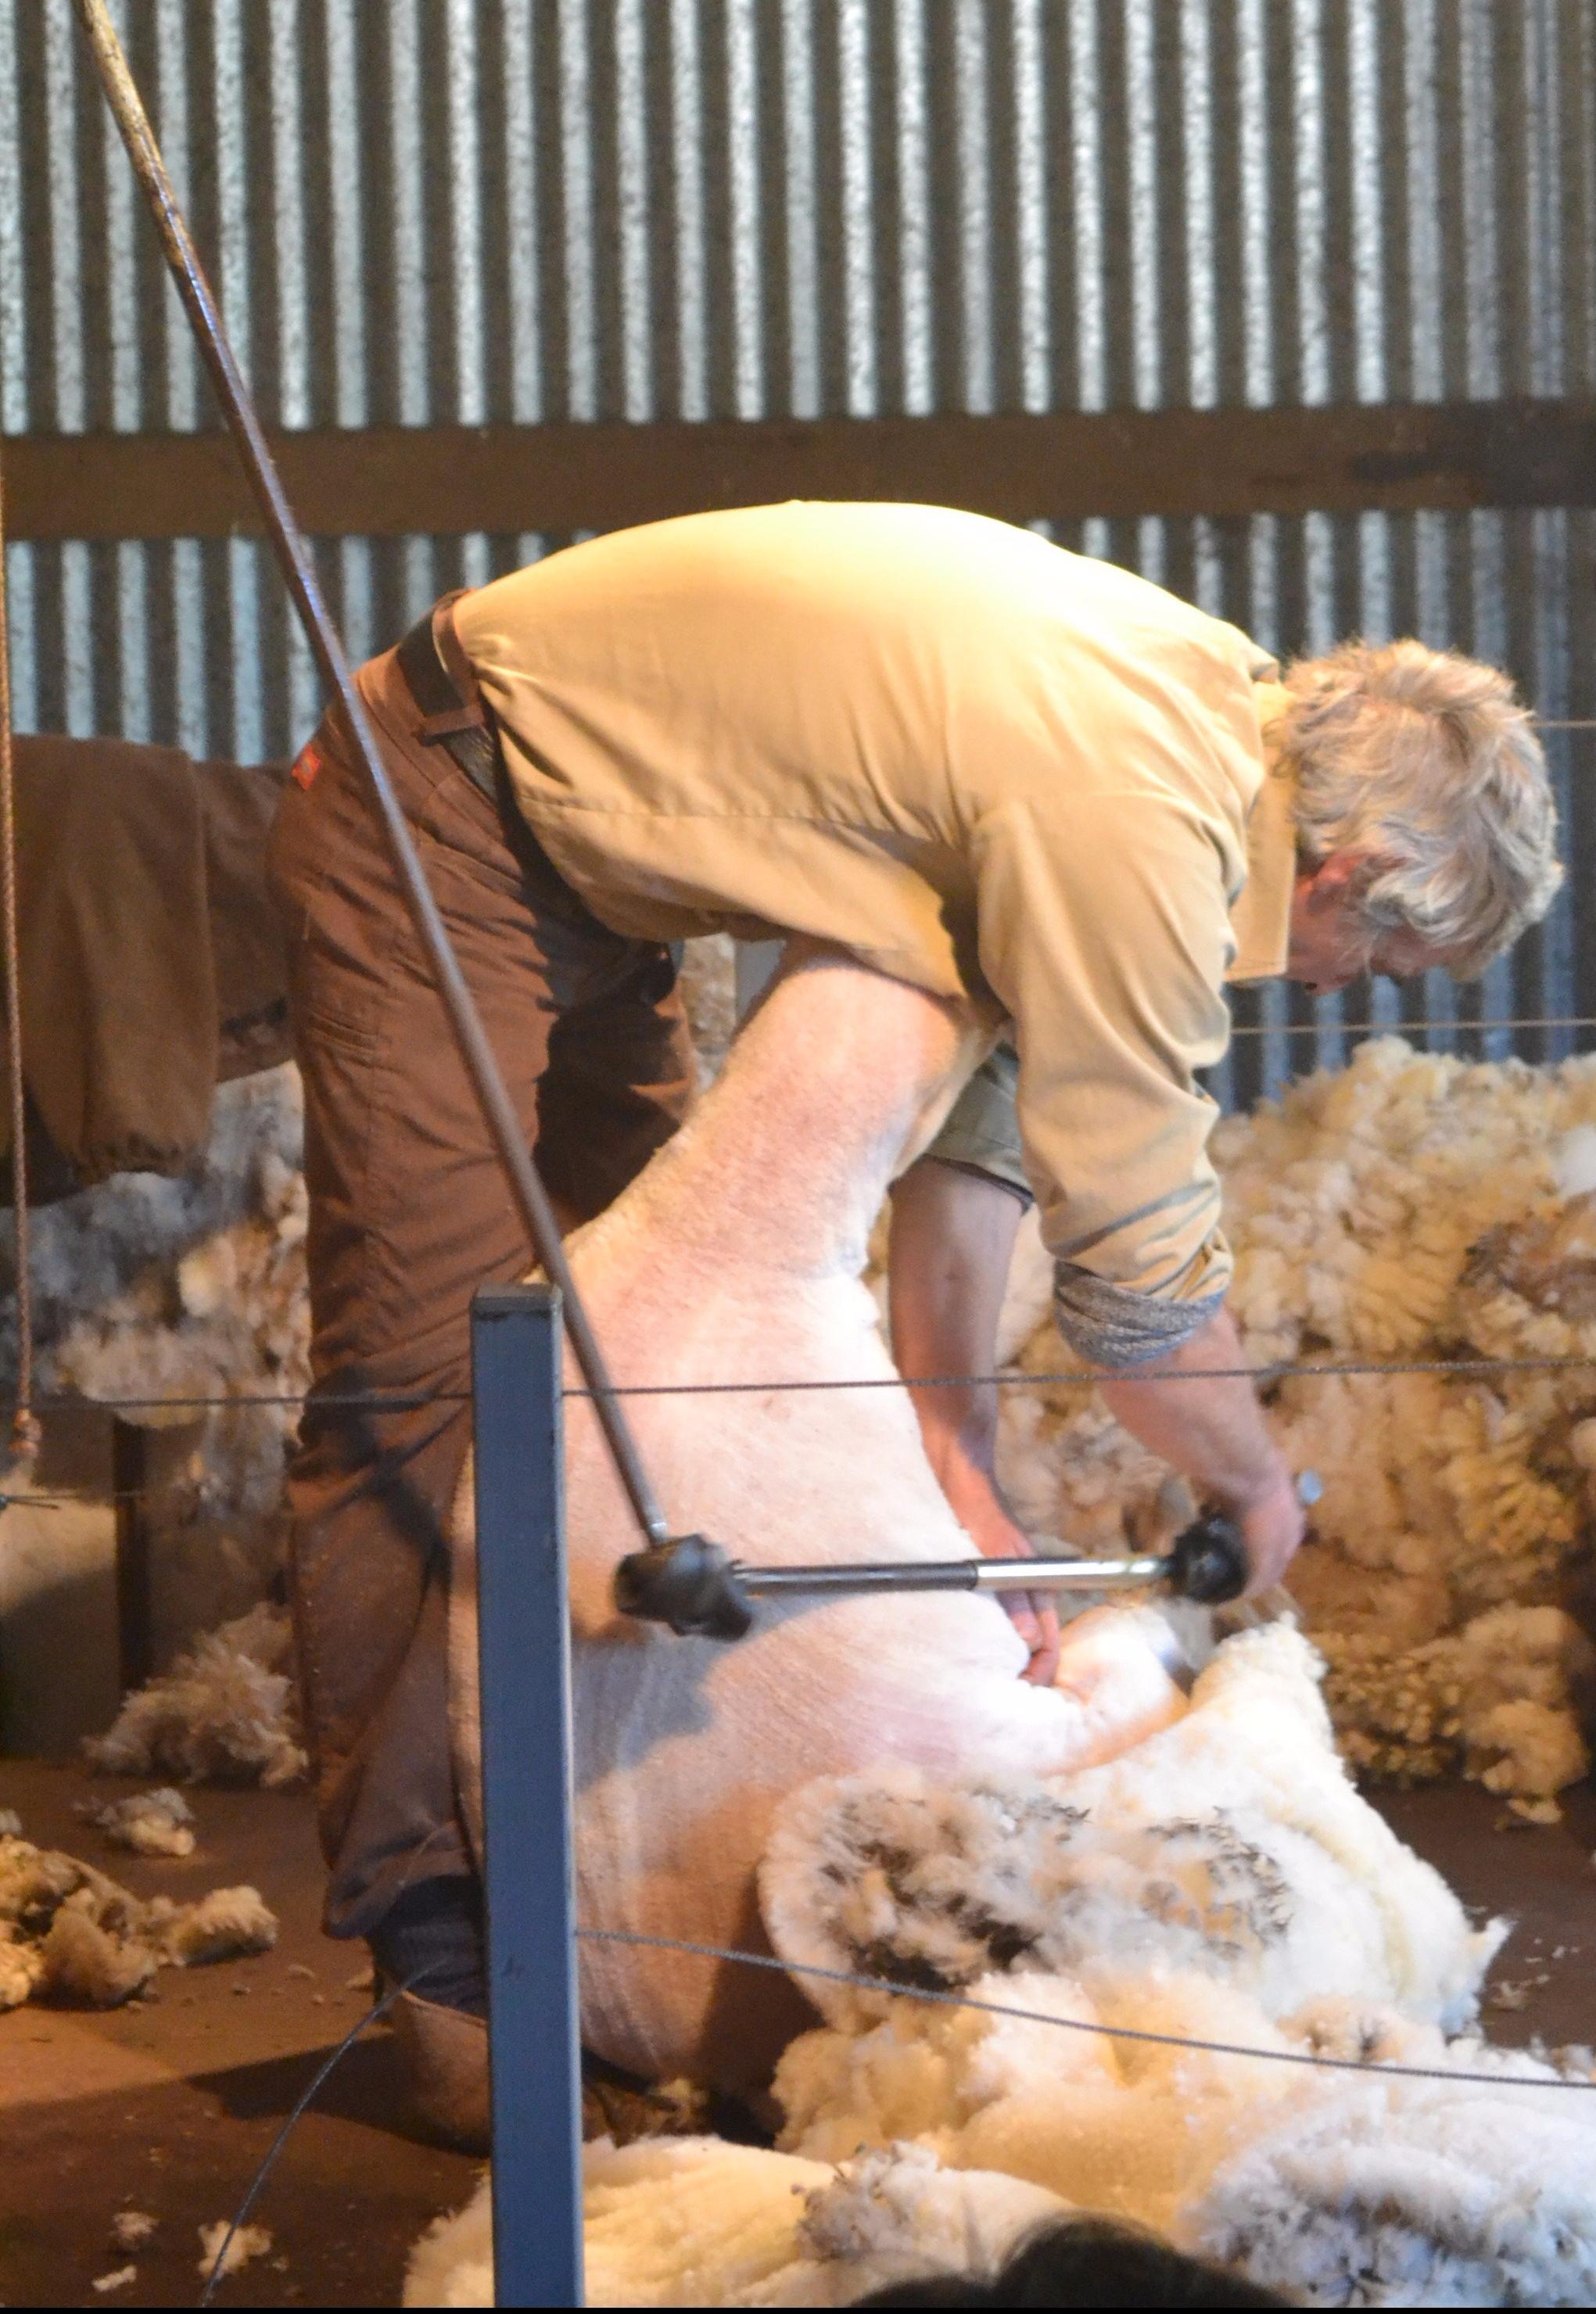 24-sheep-shearing1-e1495882684284.jpg